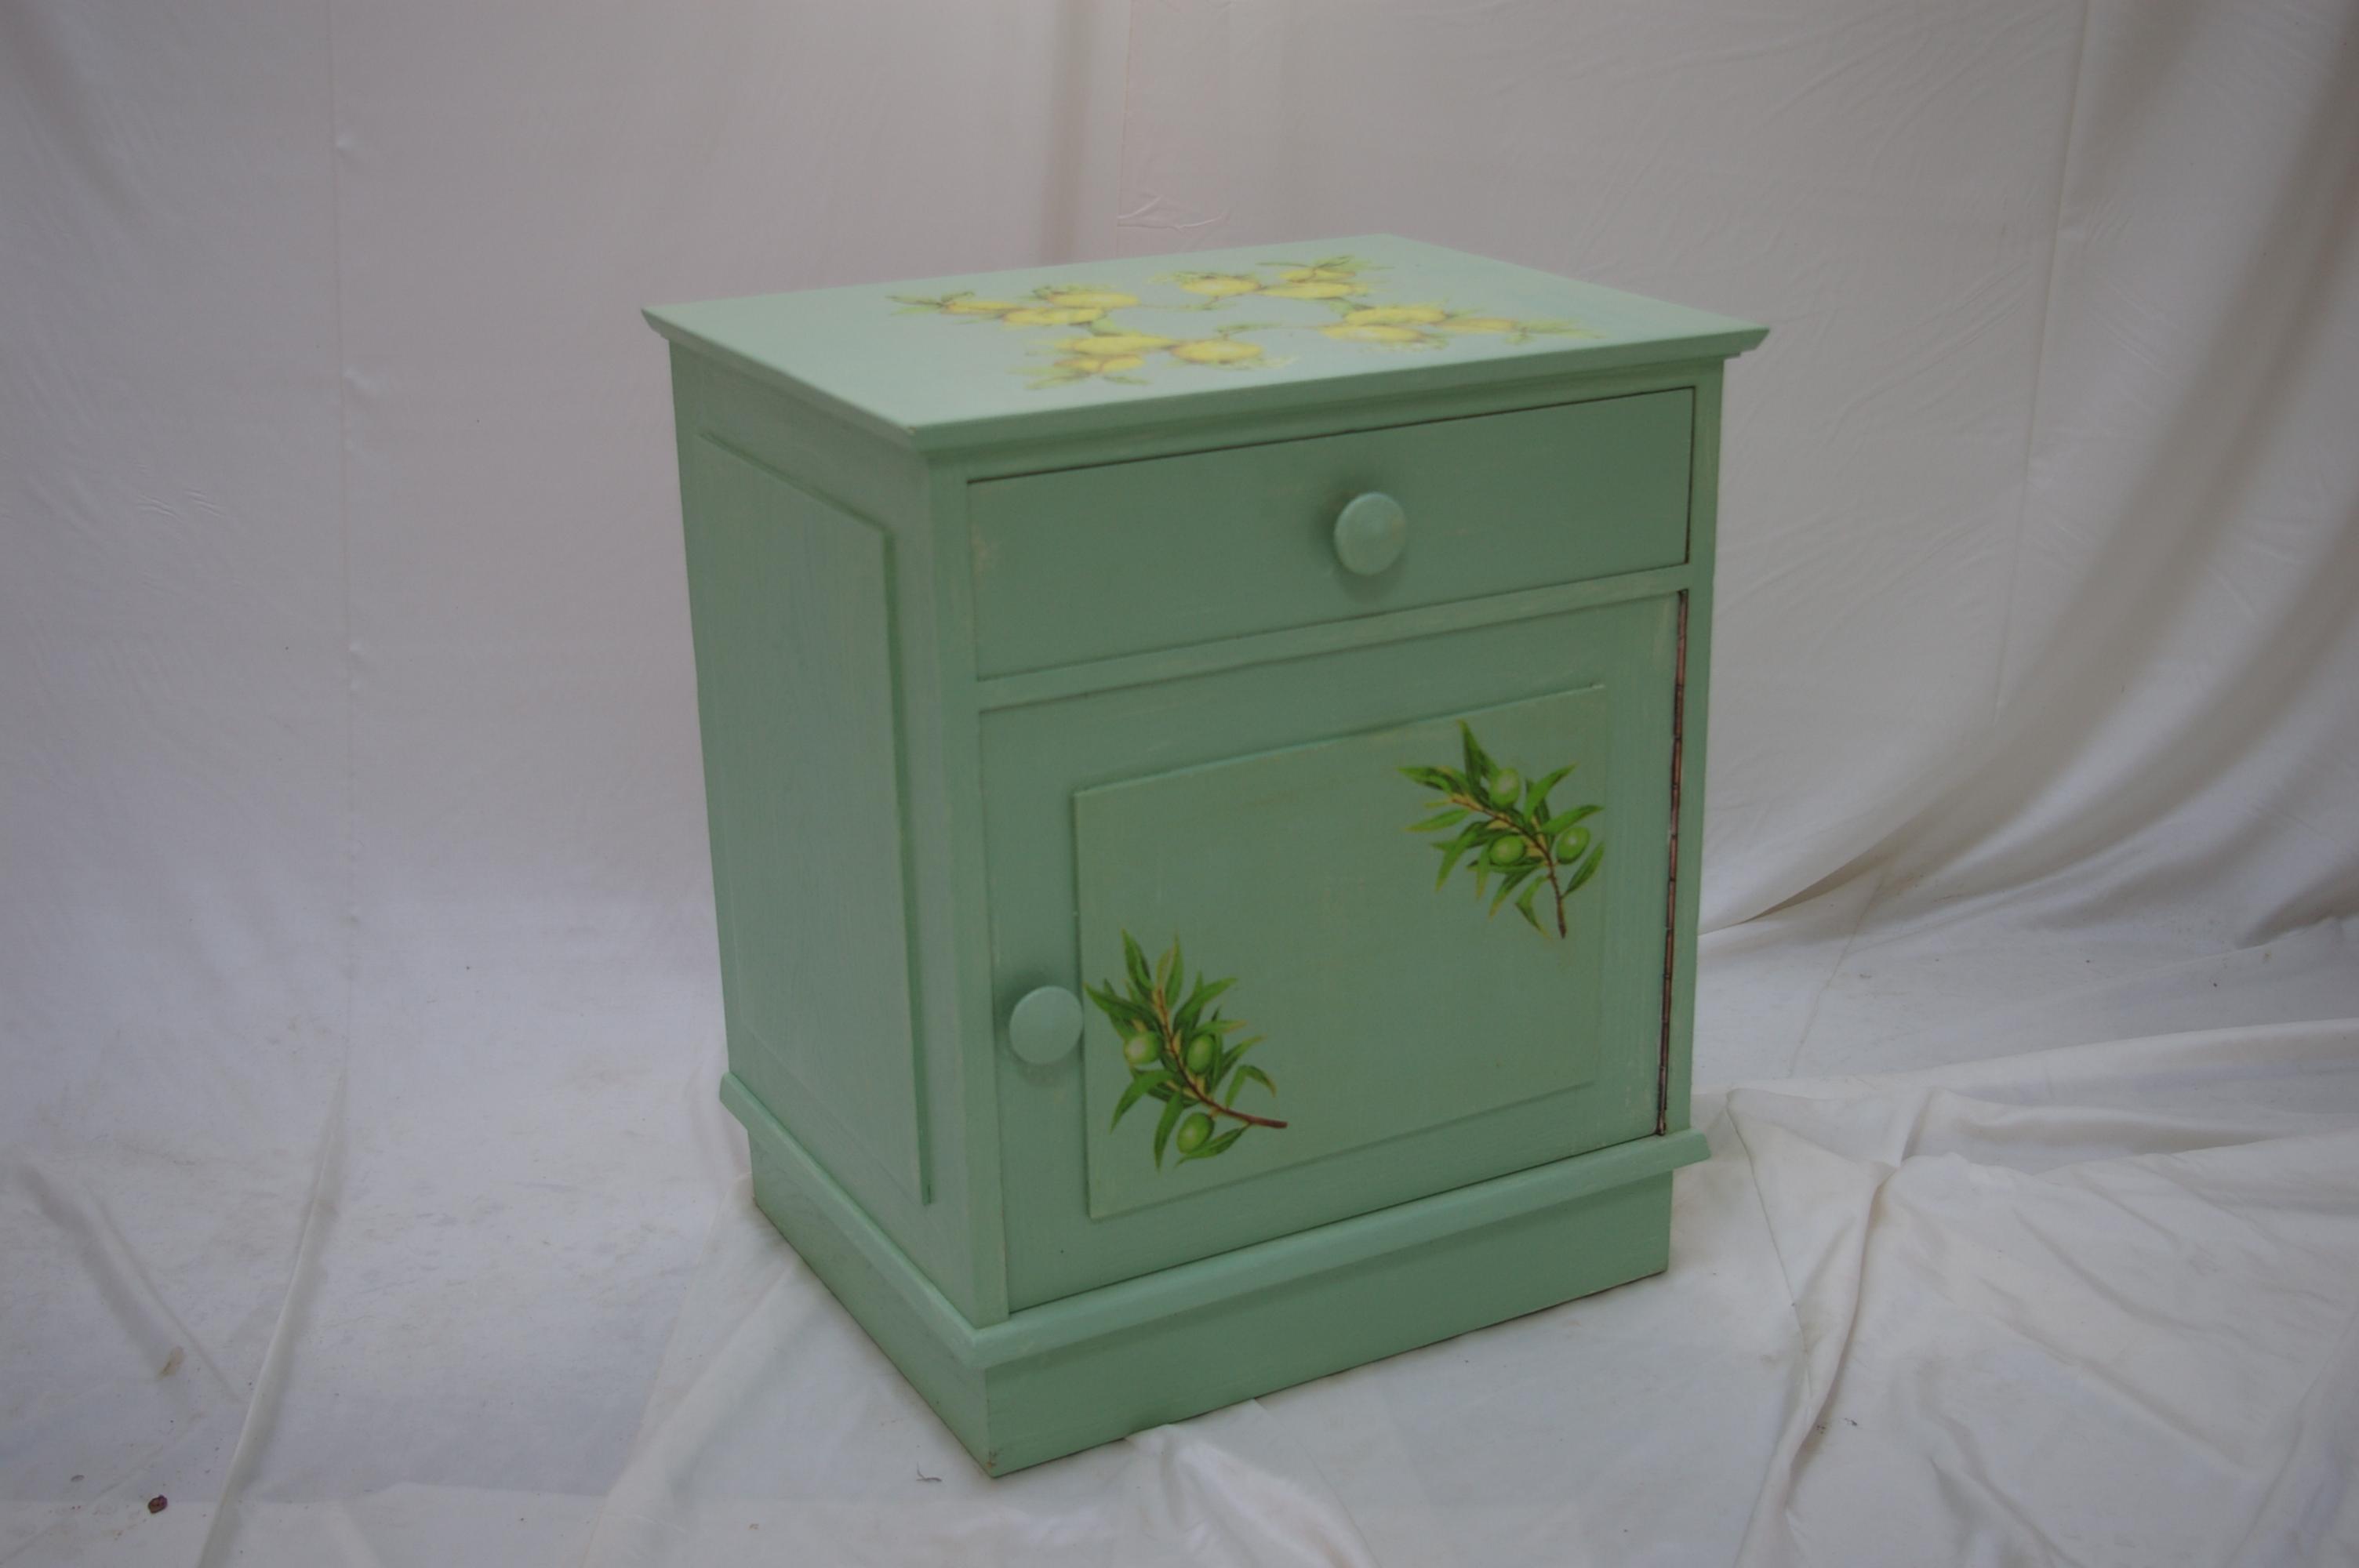 Kleiner grüner Nachtschrank mit neuem Gesicht: Verzierungen mit Olivenzweigen